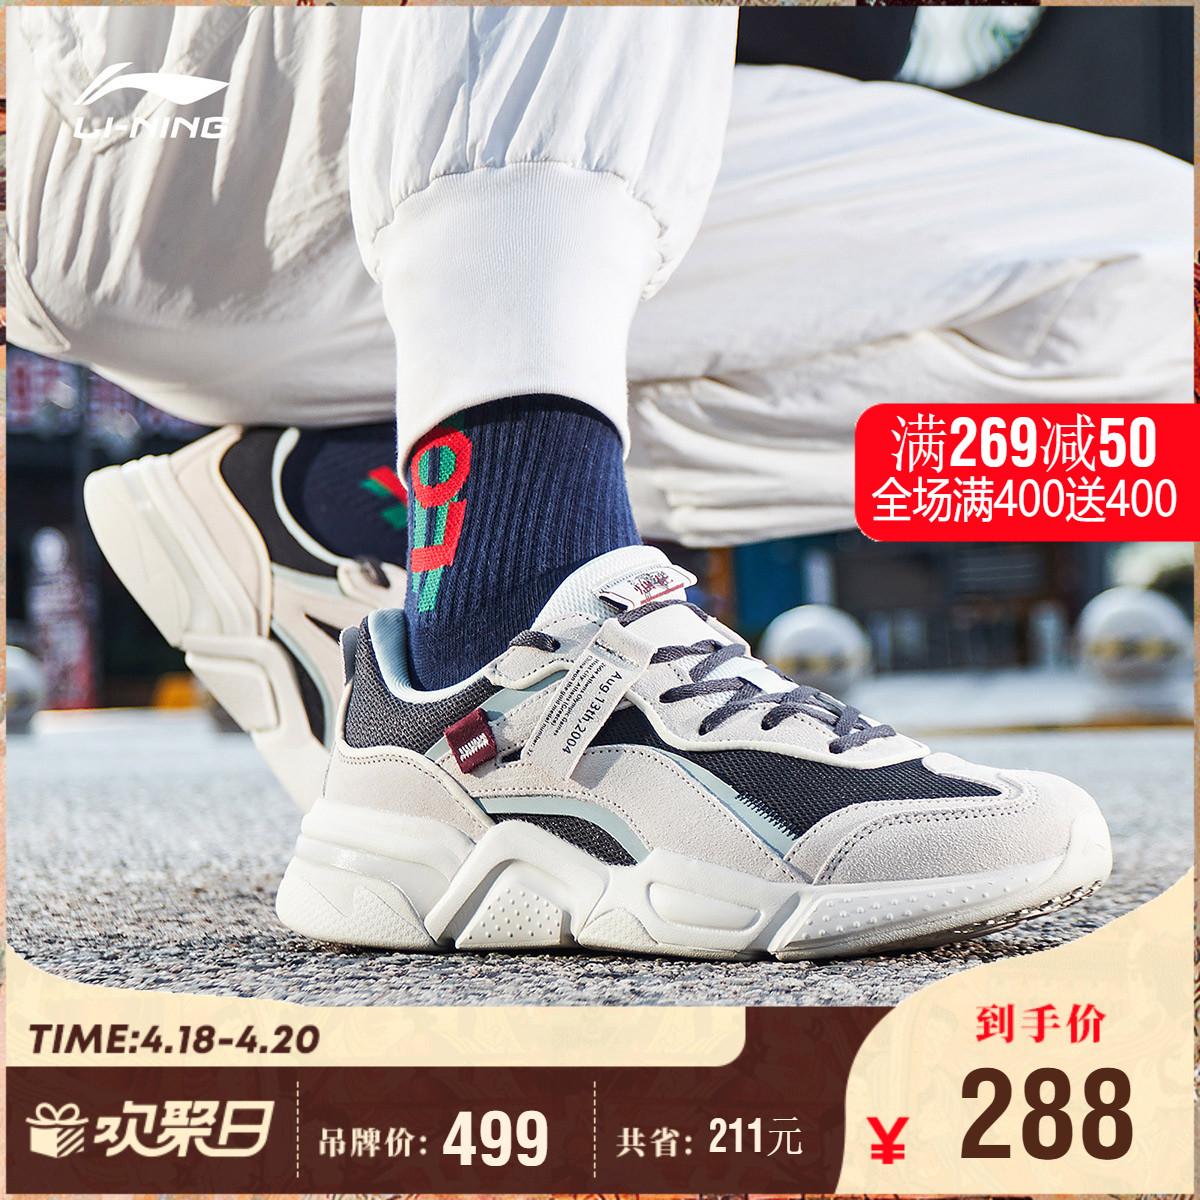 李宁休闲鞋男鞋烛龙春夏季新品复古低帮运动鞋官方正品男子老爹鞋